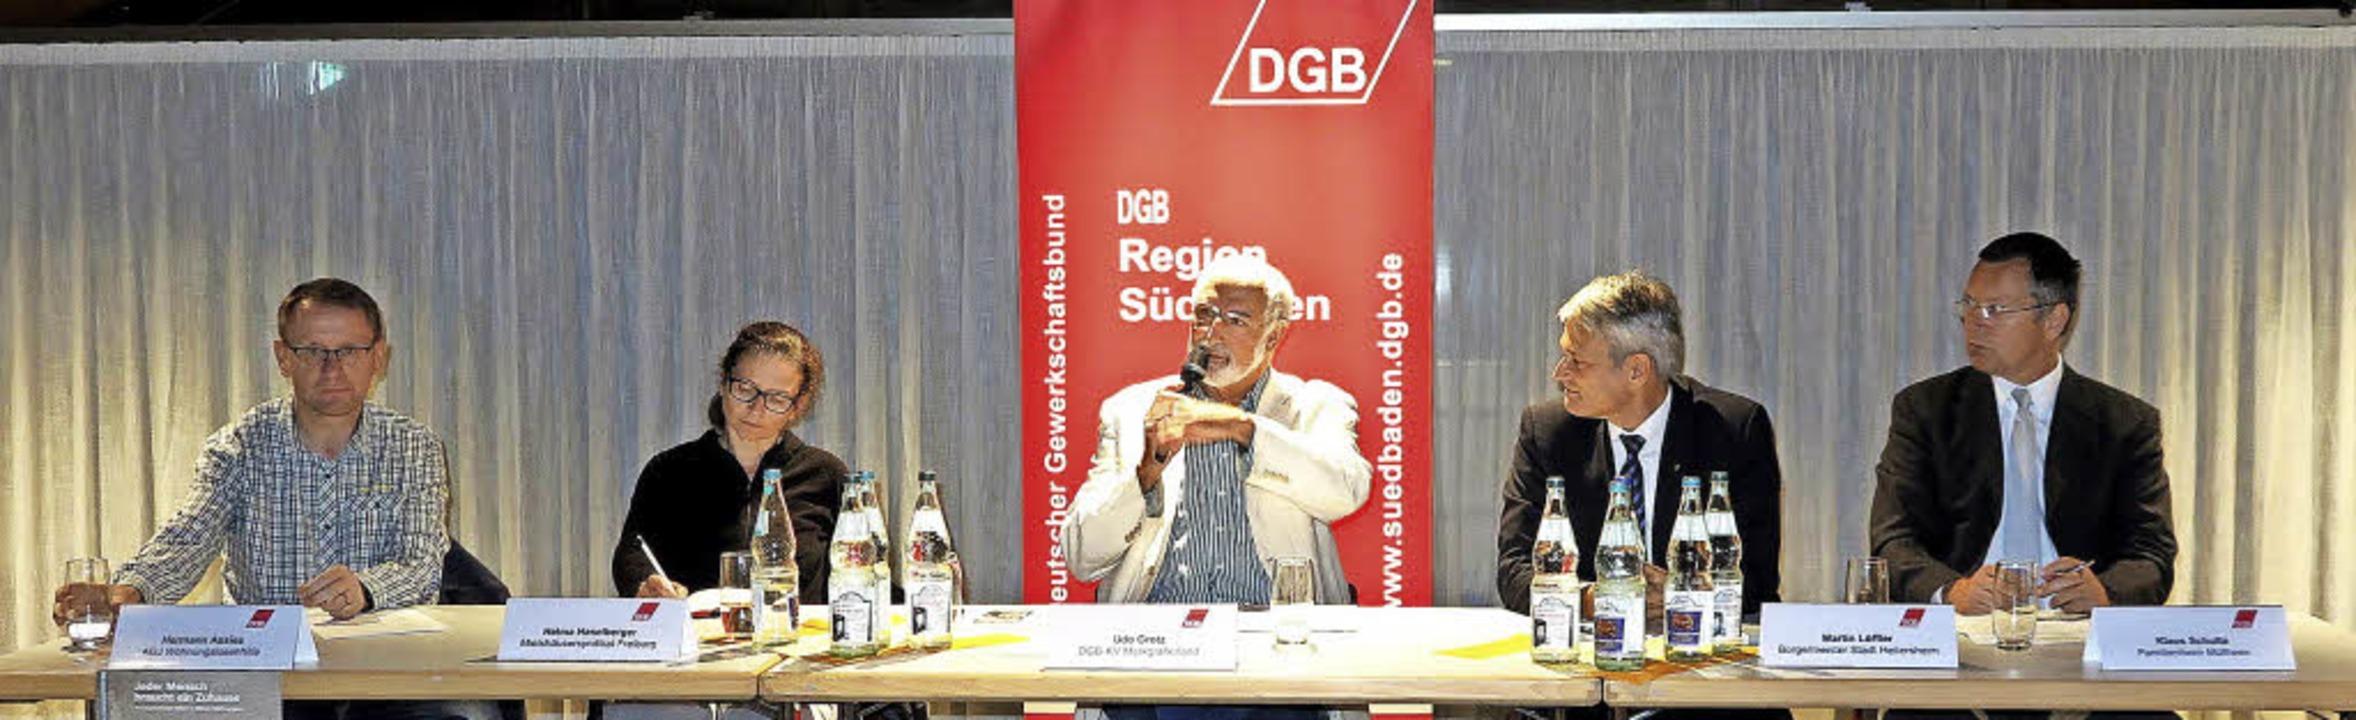 Auf dem Podium, zu dem der DGB  eingel...tsführer Familienheim Markgräflerland)  | Foto: Philipp